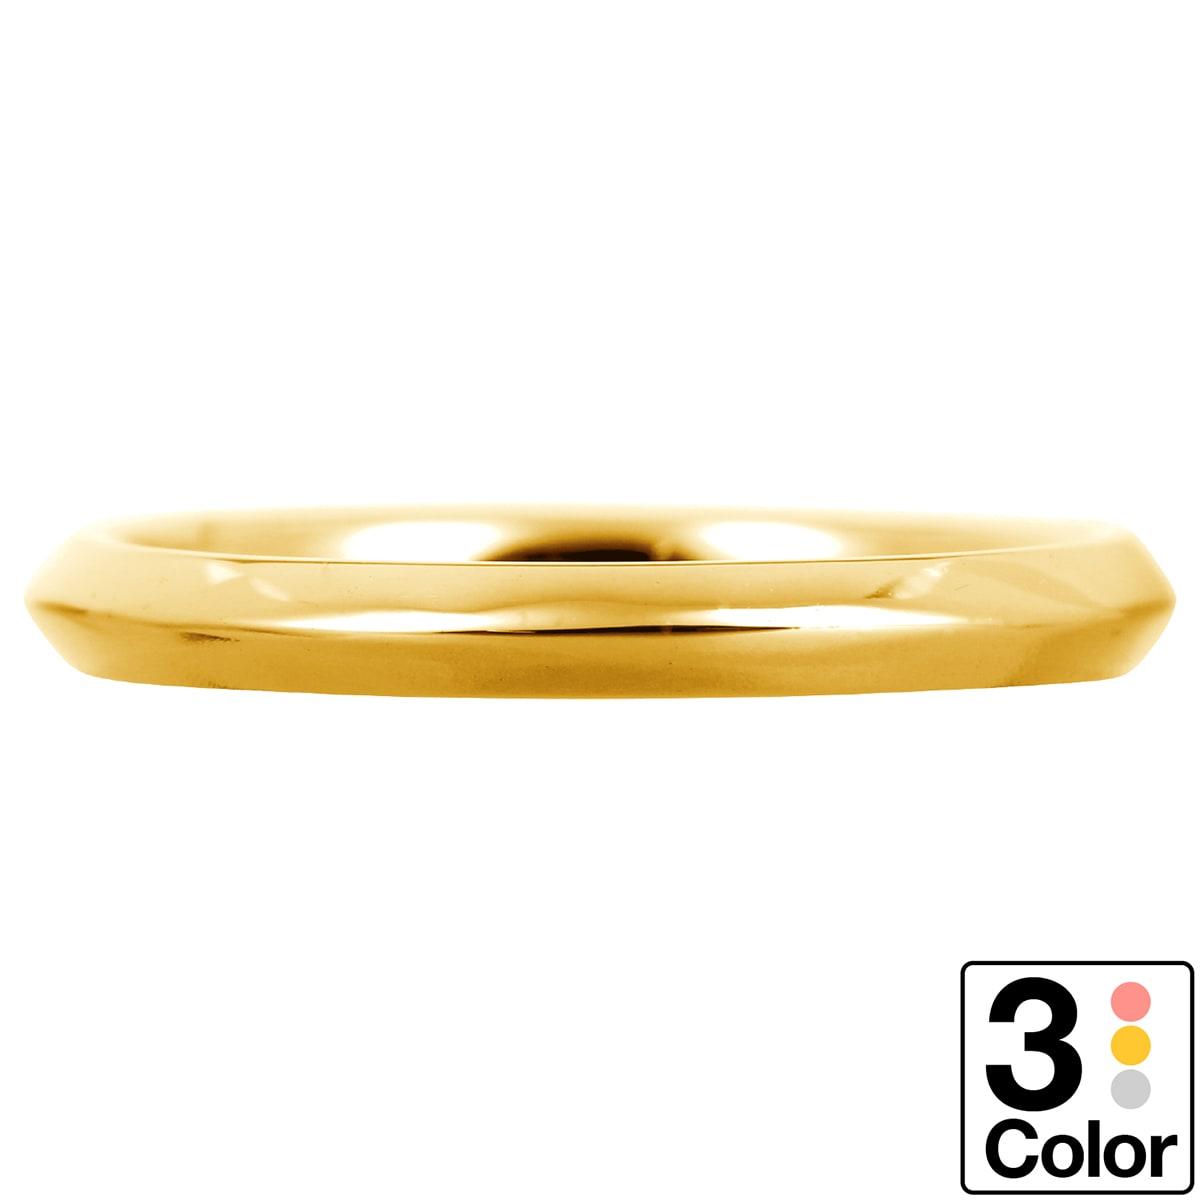 地金 リング k18 イエローゴールド ホワイトゴールド ピンクゴールド ファッションリング 品質保証書 金属アレルギー 日本製 誕生日 ギフトrxoeBWdC